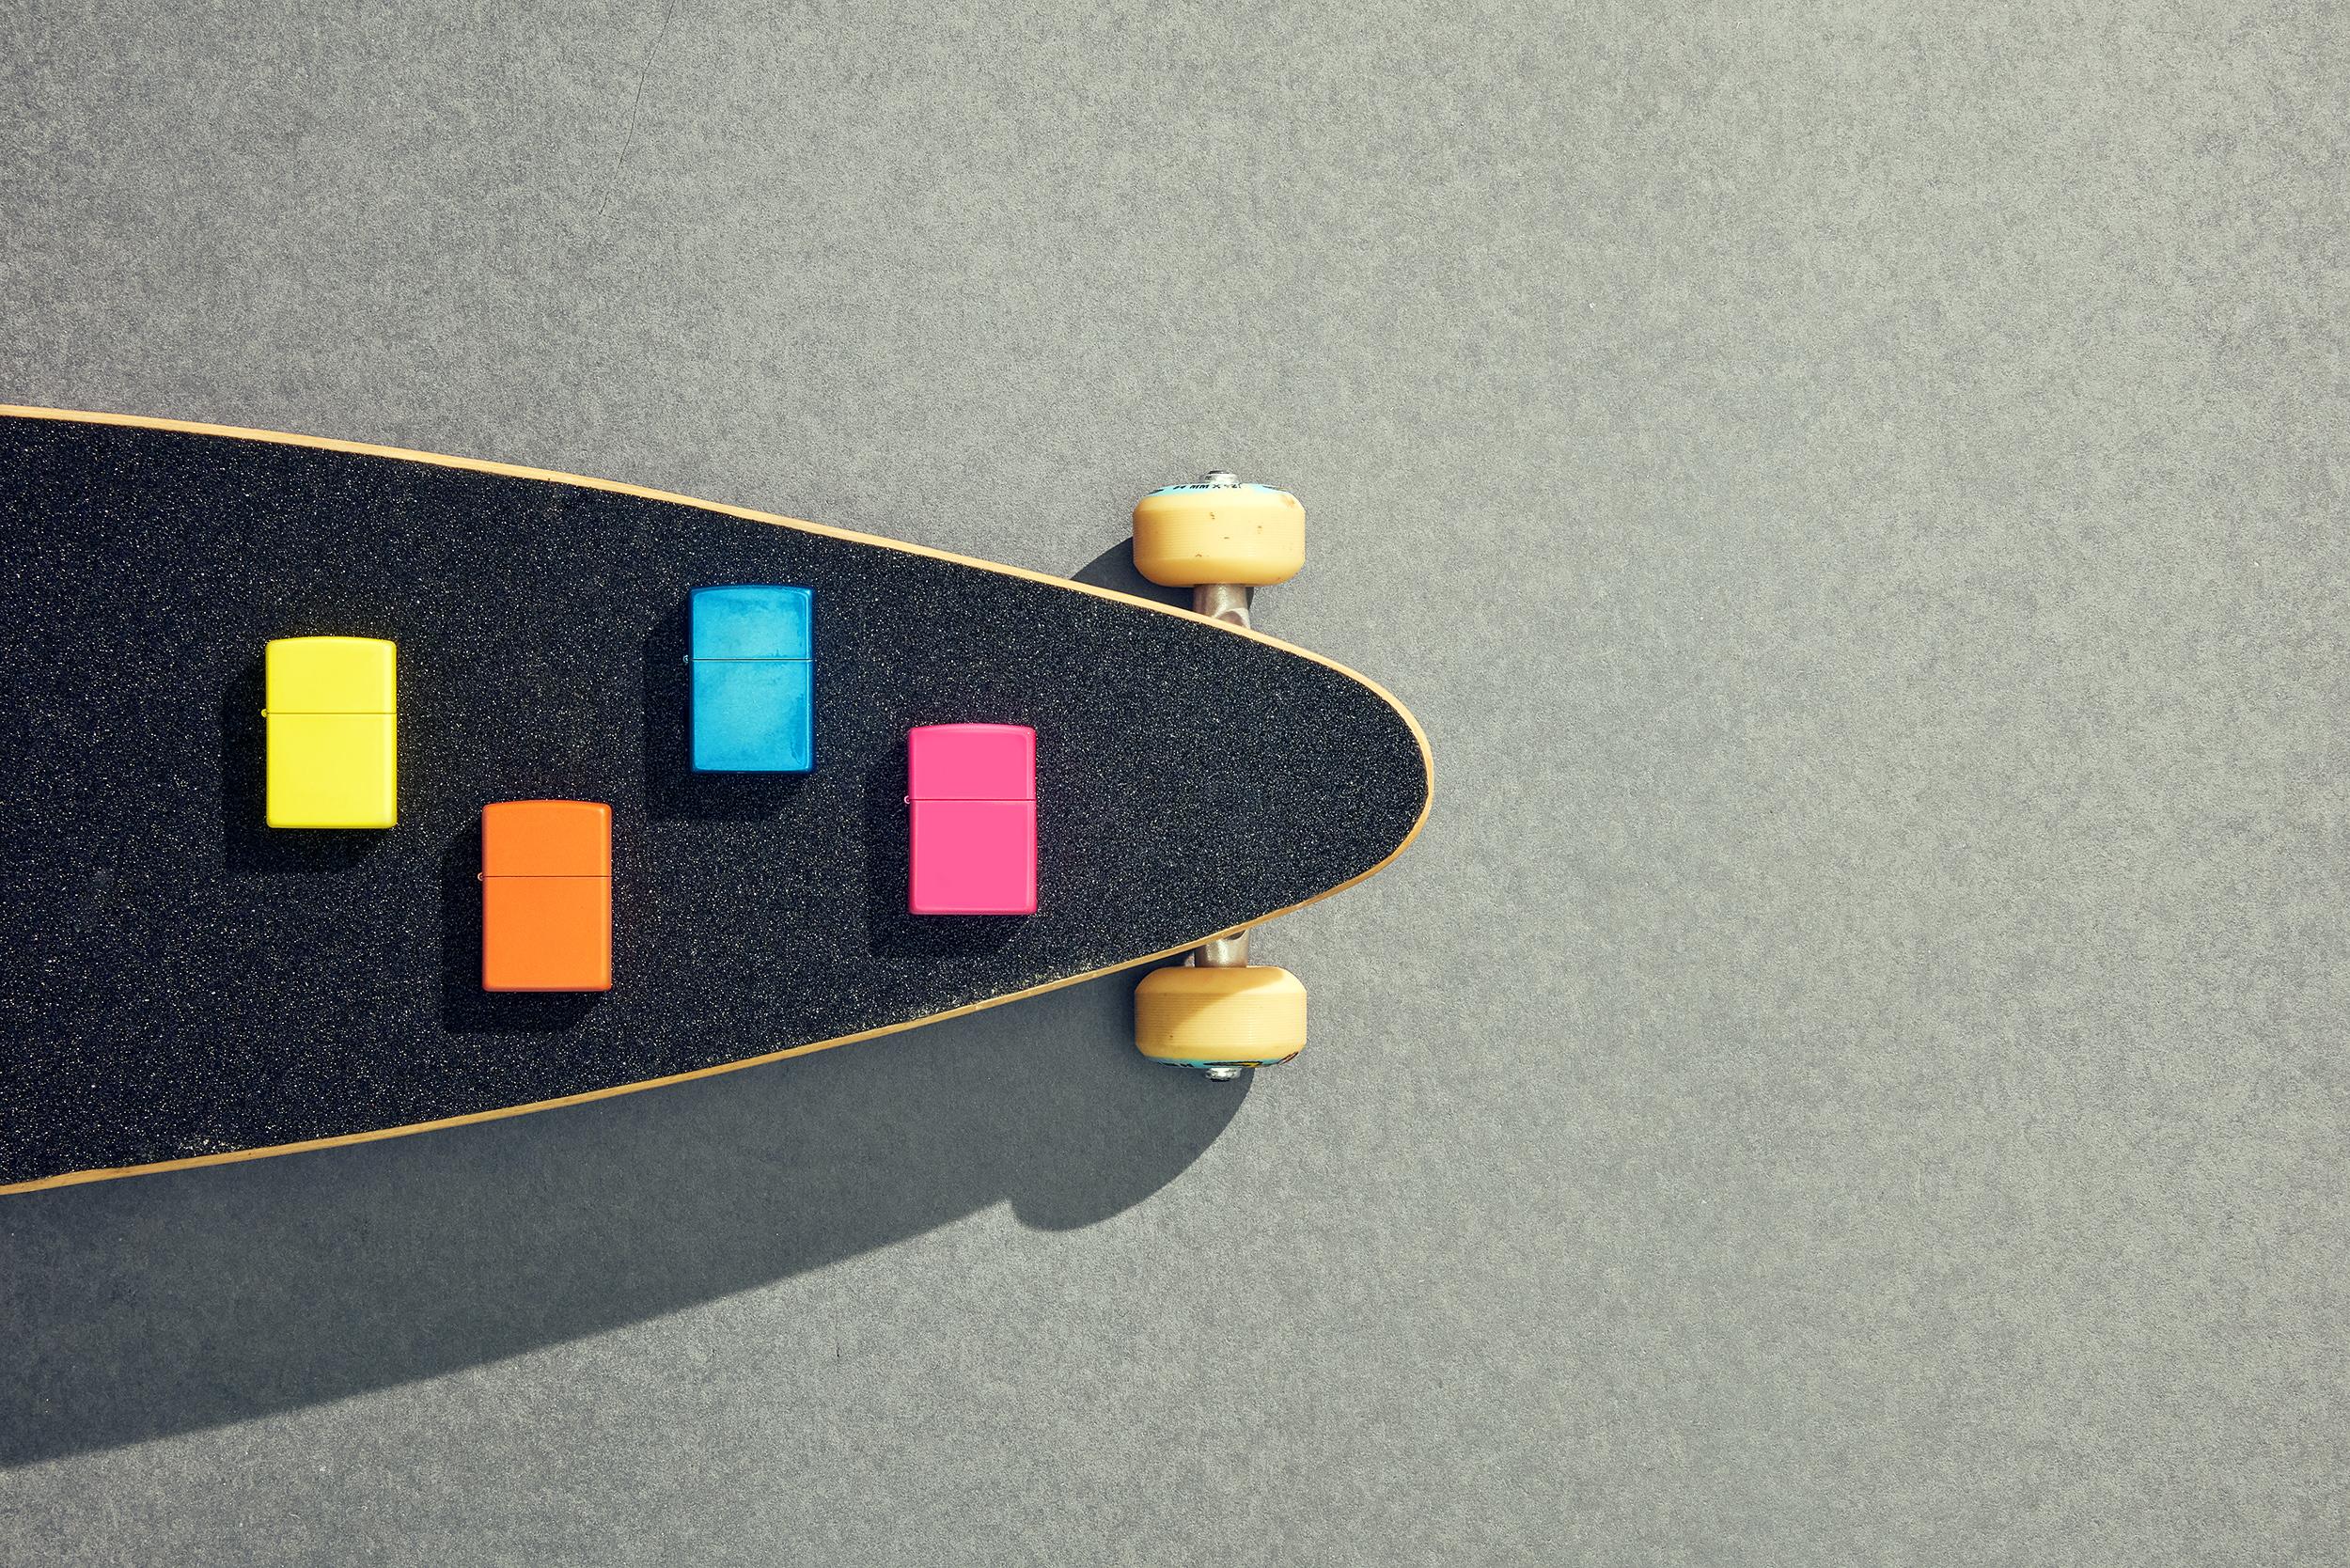 Zippo_Skatebaording_05